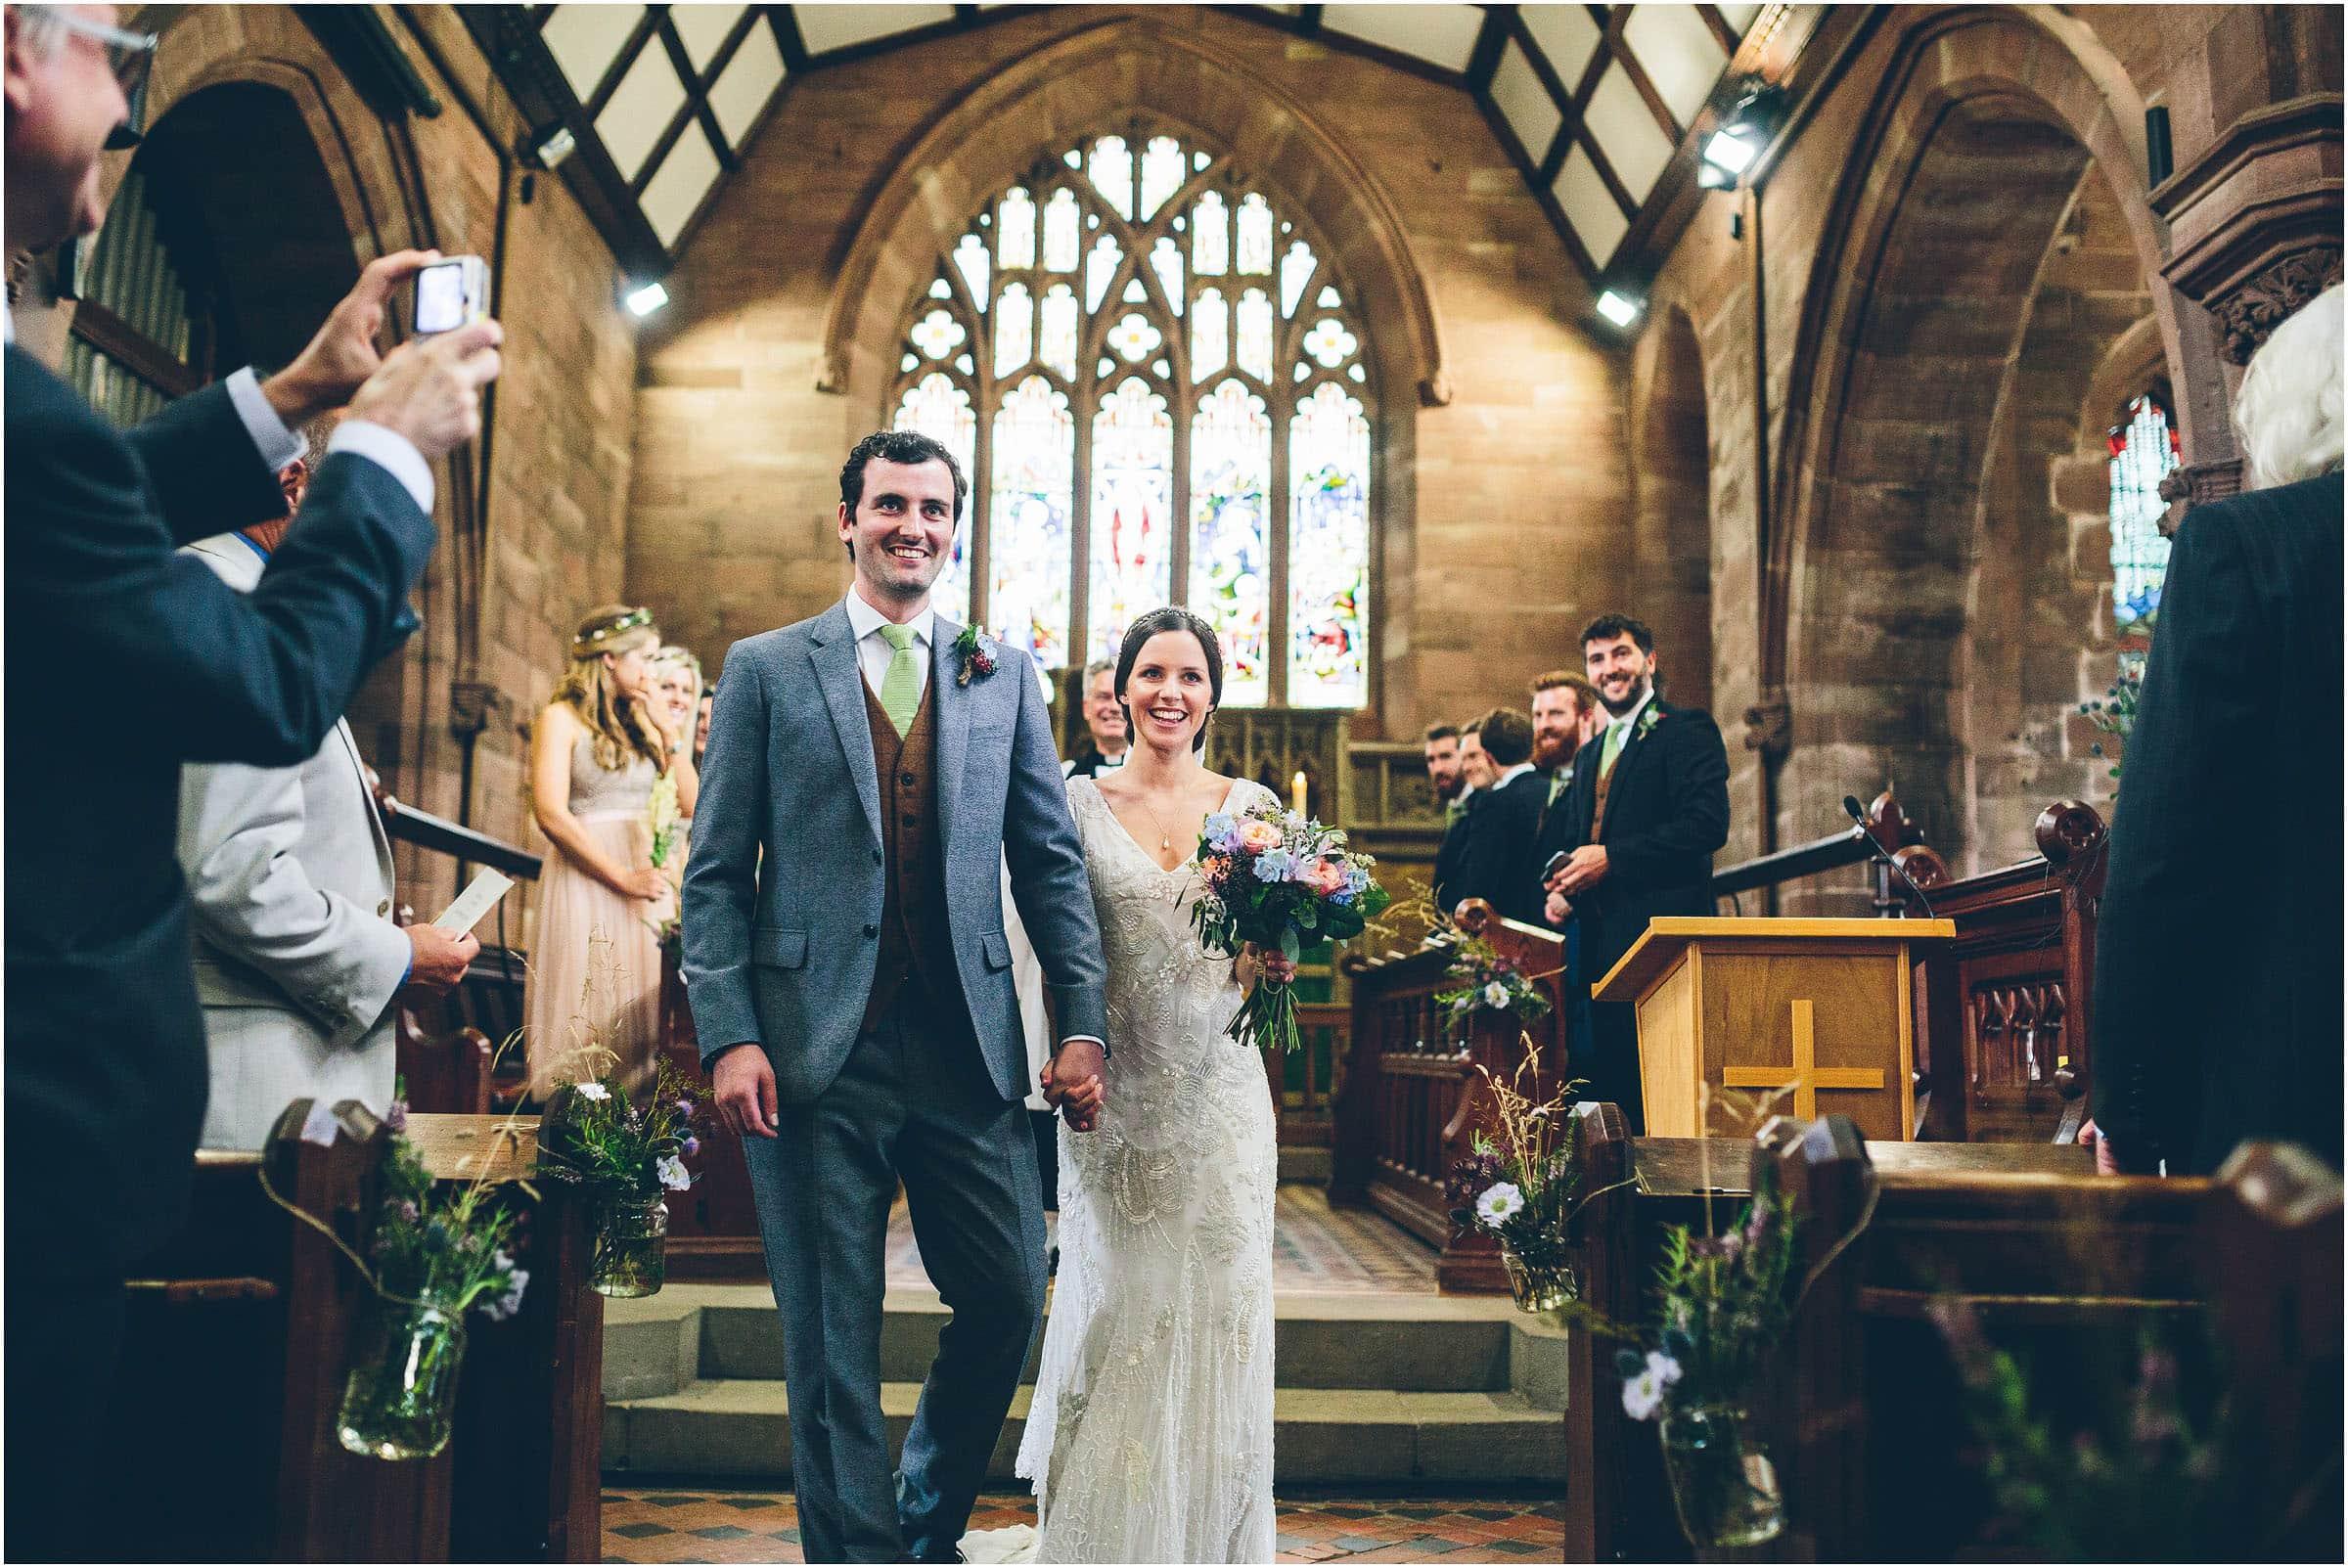 Harthill_Weddings_Wedding_Photography_0056